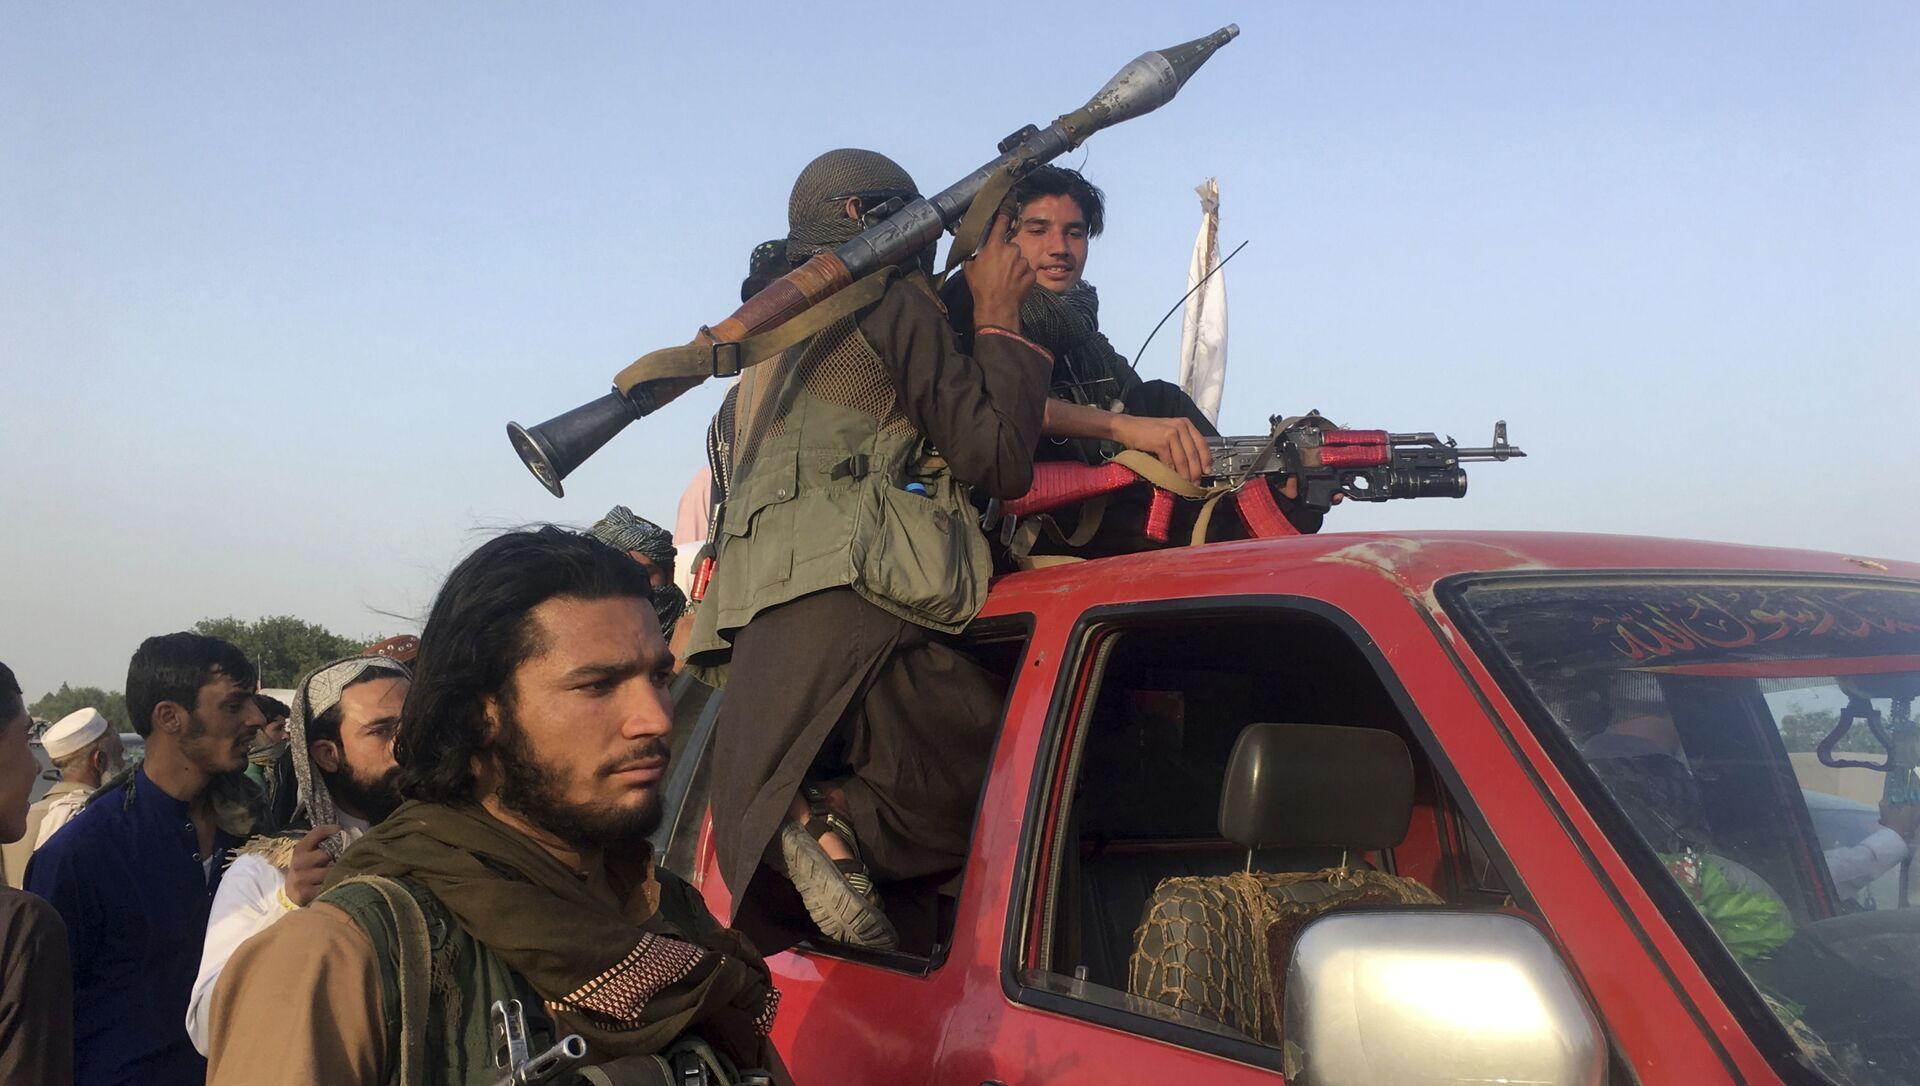 Taliban fighters ride in their vehicle in Surkhroad district of Nangarhar province, east of Kabul, Afghanistan, Saturday, June 16, 2018 - Sputnik International, 1920, 24.07.2021